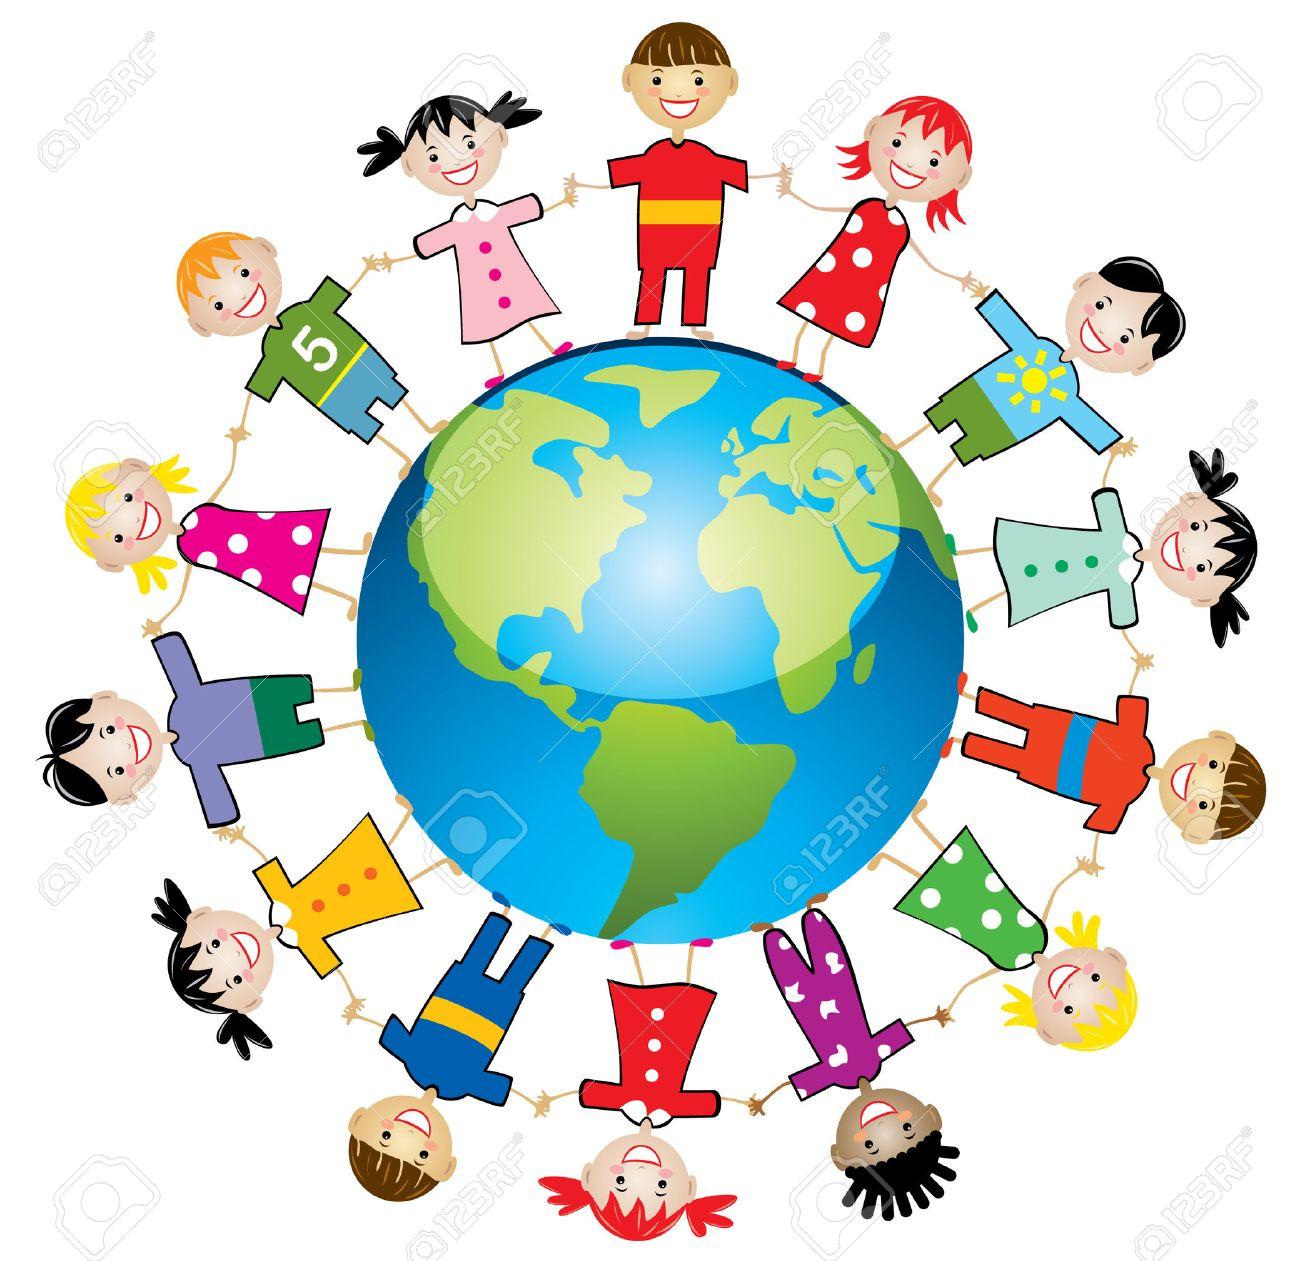 illustration of children around the world.